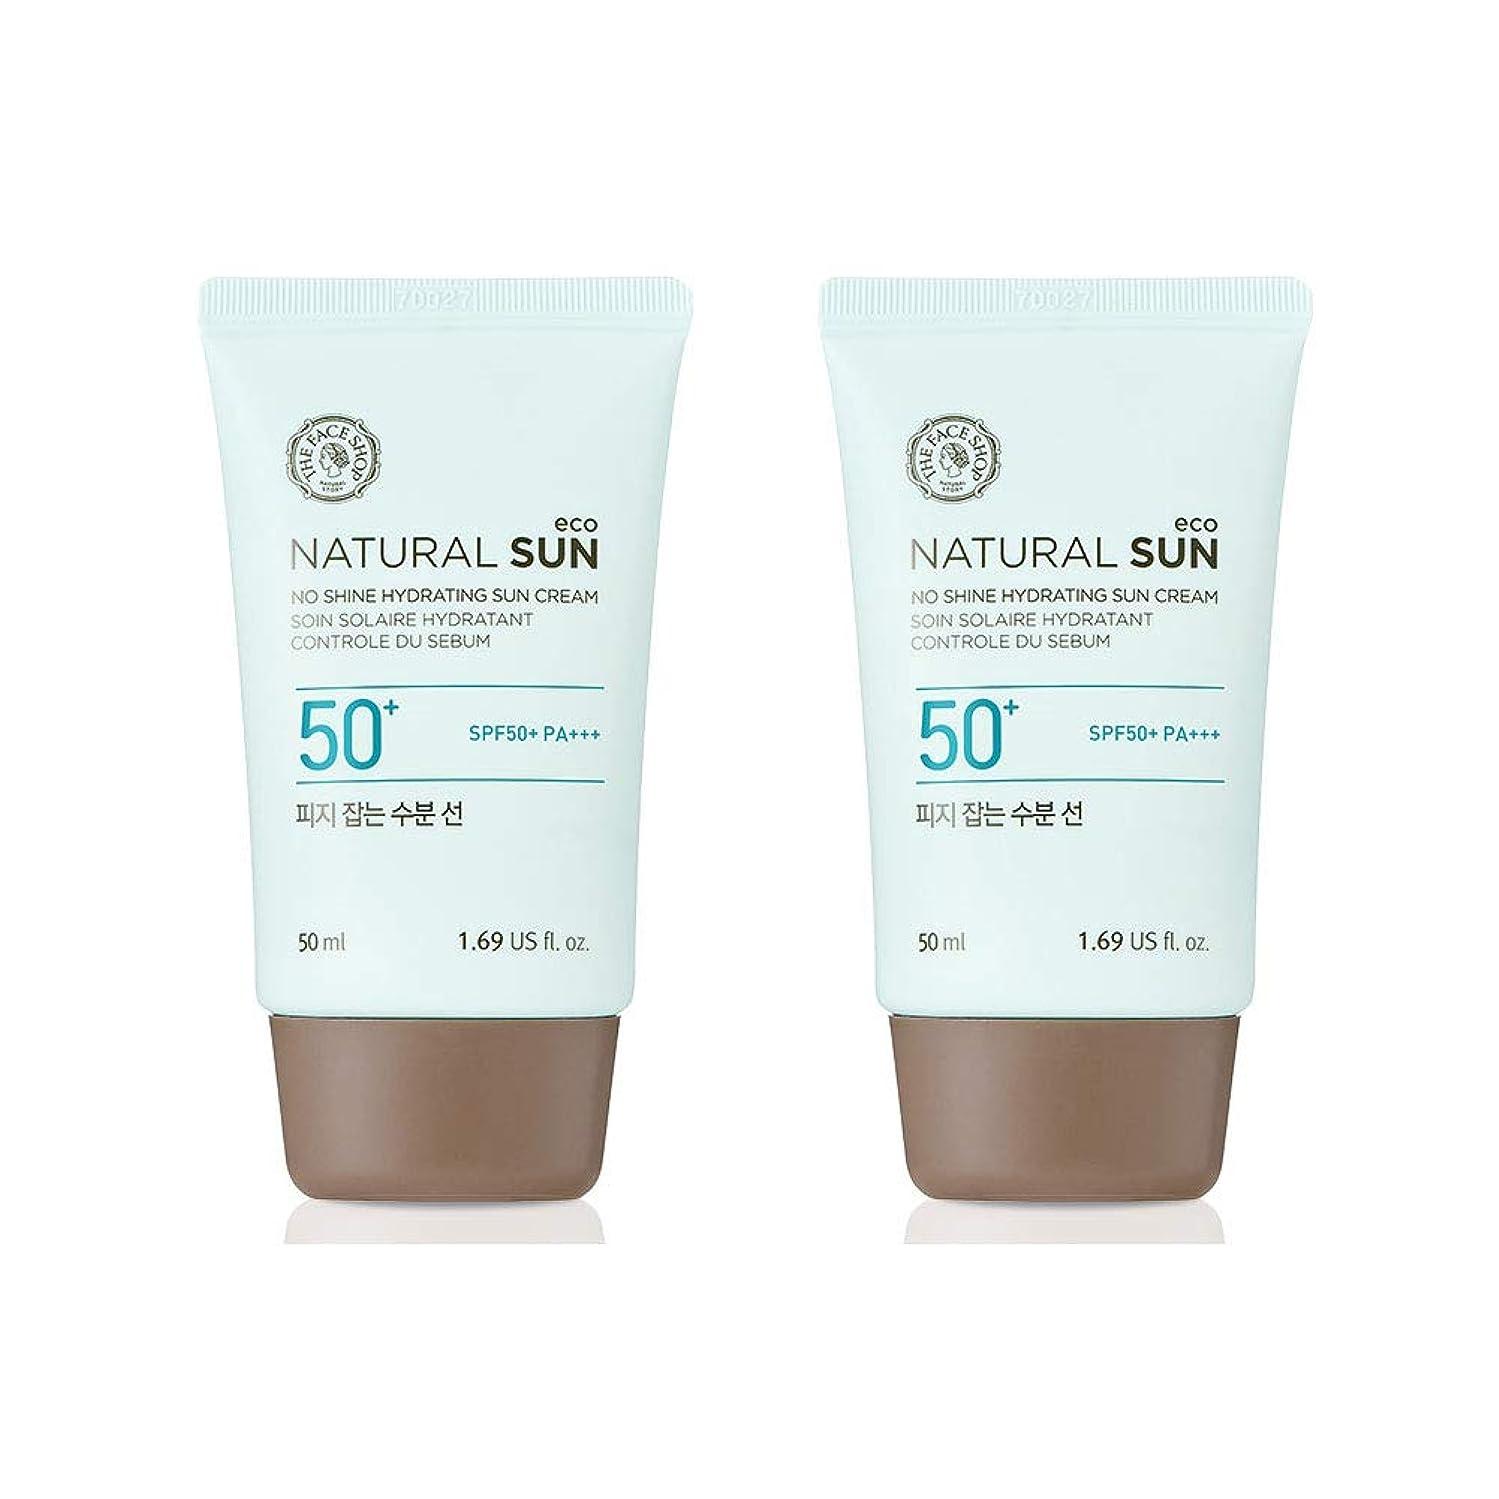 清めるオーバーフロー変化ザ?フェイスショップネチュロルソンエコフィジーサン?クリームSPF50+PA+++50ml x 2本セット韓国コスメ、The Face Shop Natural Sun Eco No Shine Hydrating Sun Cream SPF50+ PA+++ 50ml x 2ea Set Korean Cosmetics [並行輸入品]